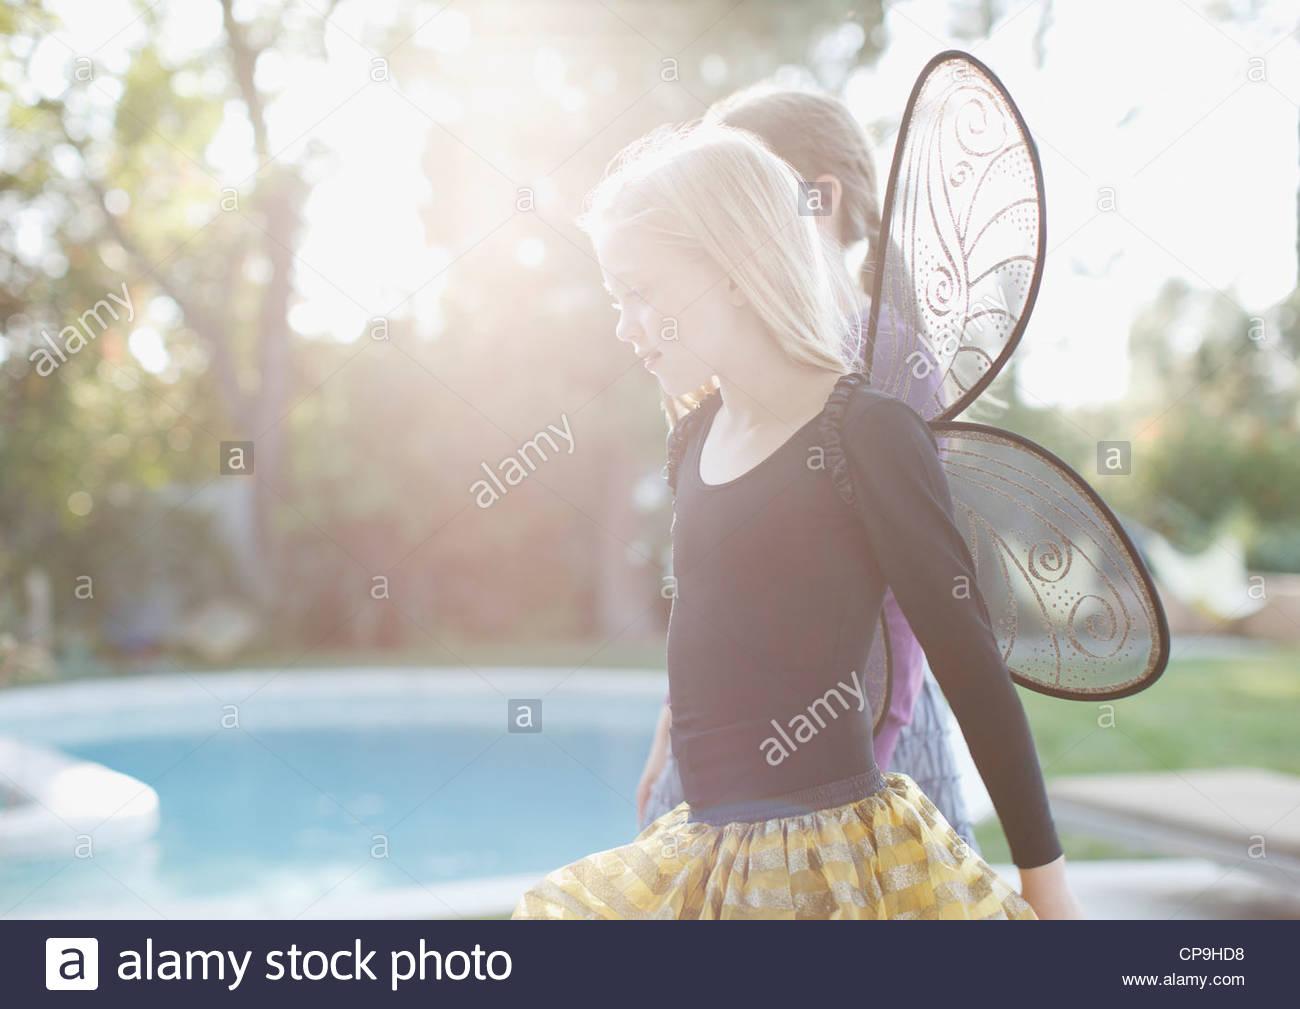 8-9 años,iluminada desde atrás,California,ropa casual,caucásico,infancia,color image,traje,día,vida Imagen De Stock